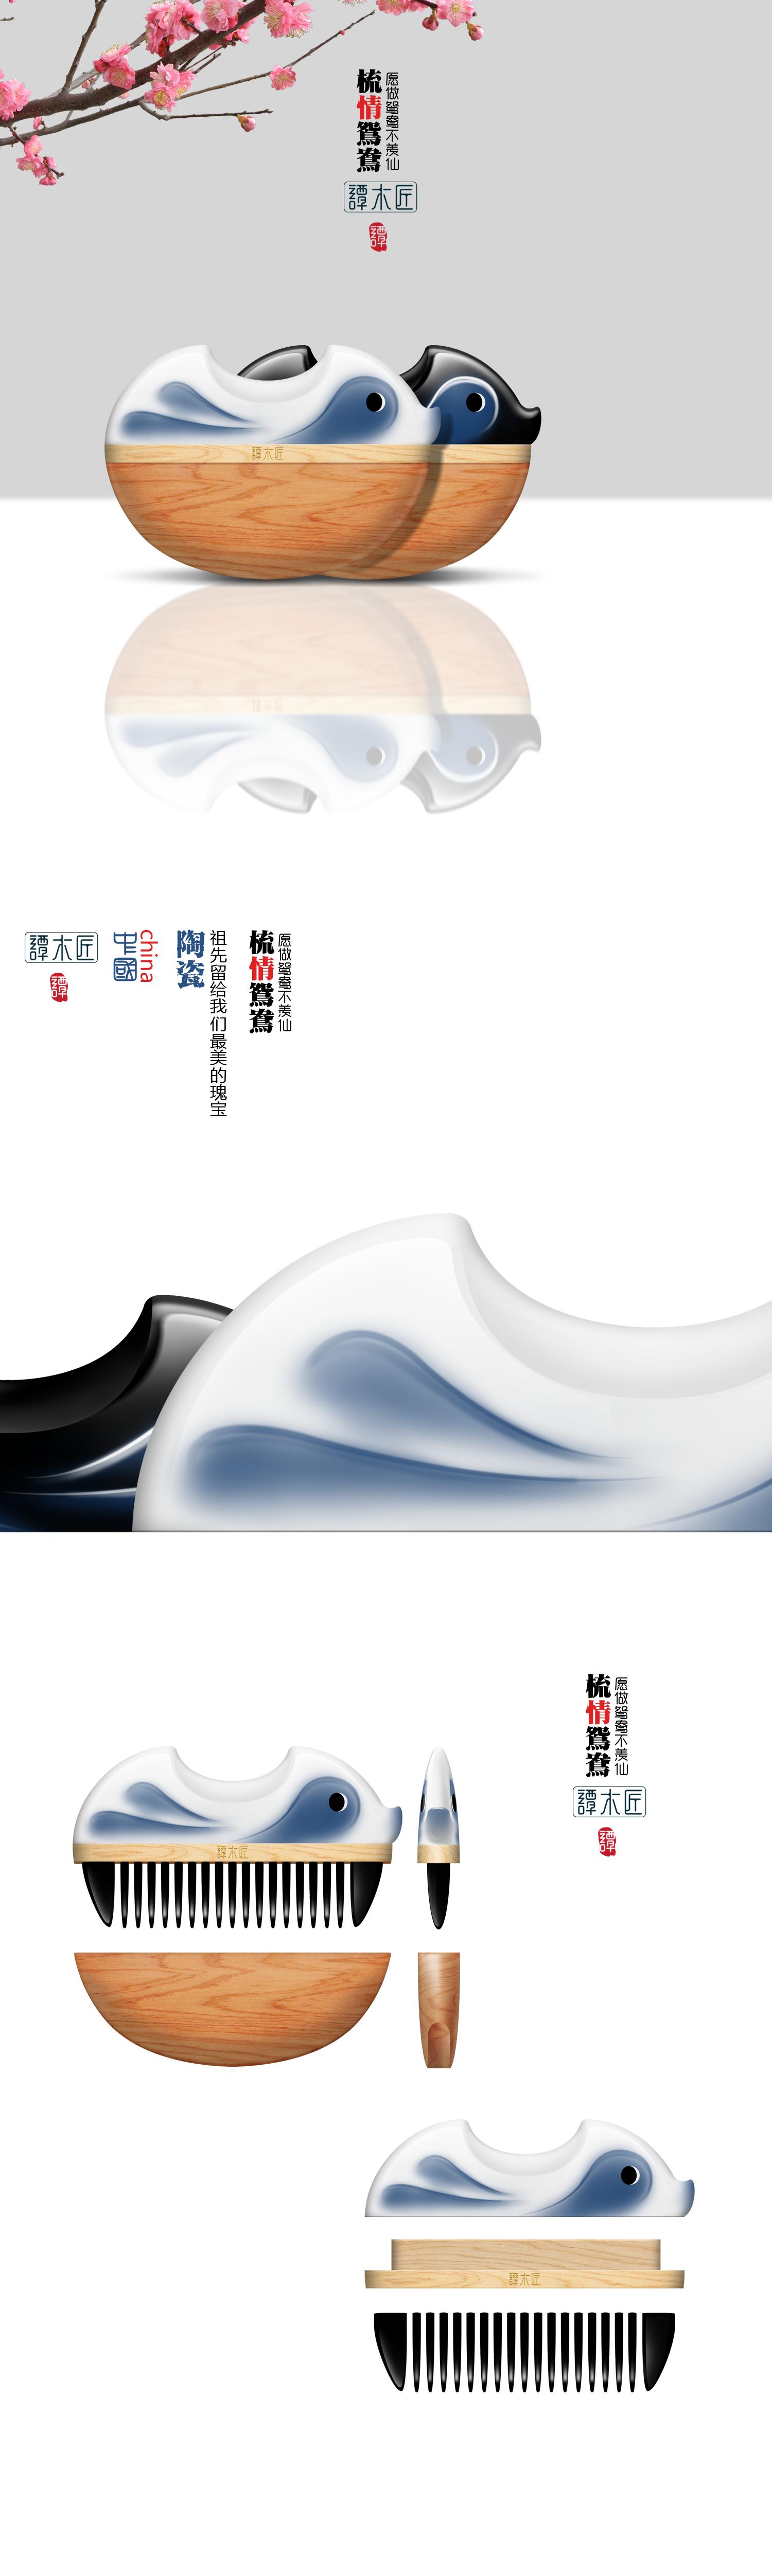 查看《《梳情鸳鸯》》原图,原图尺寸:1500x5008